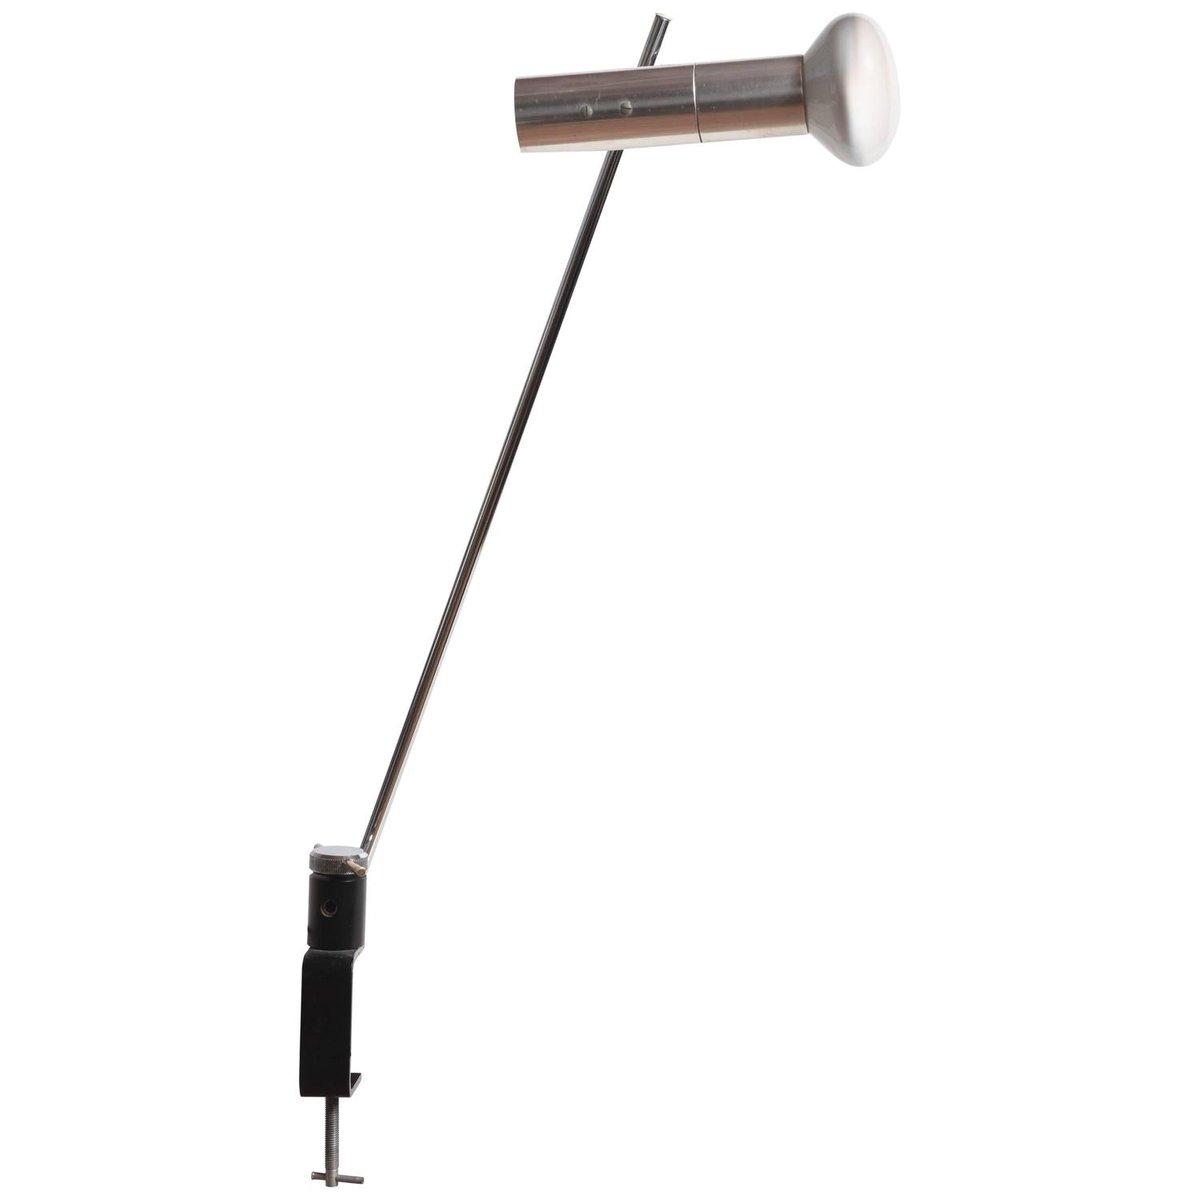 Schweizerische Tischlampe von Rico Baltensweiler, 1960er